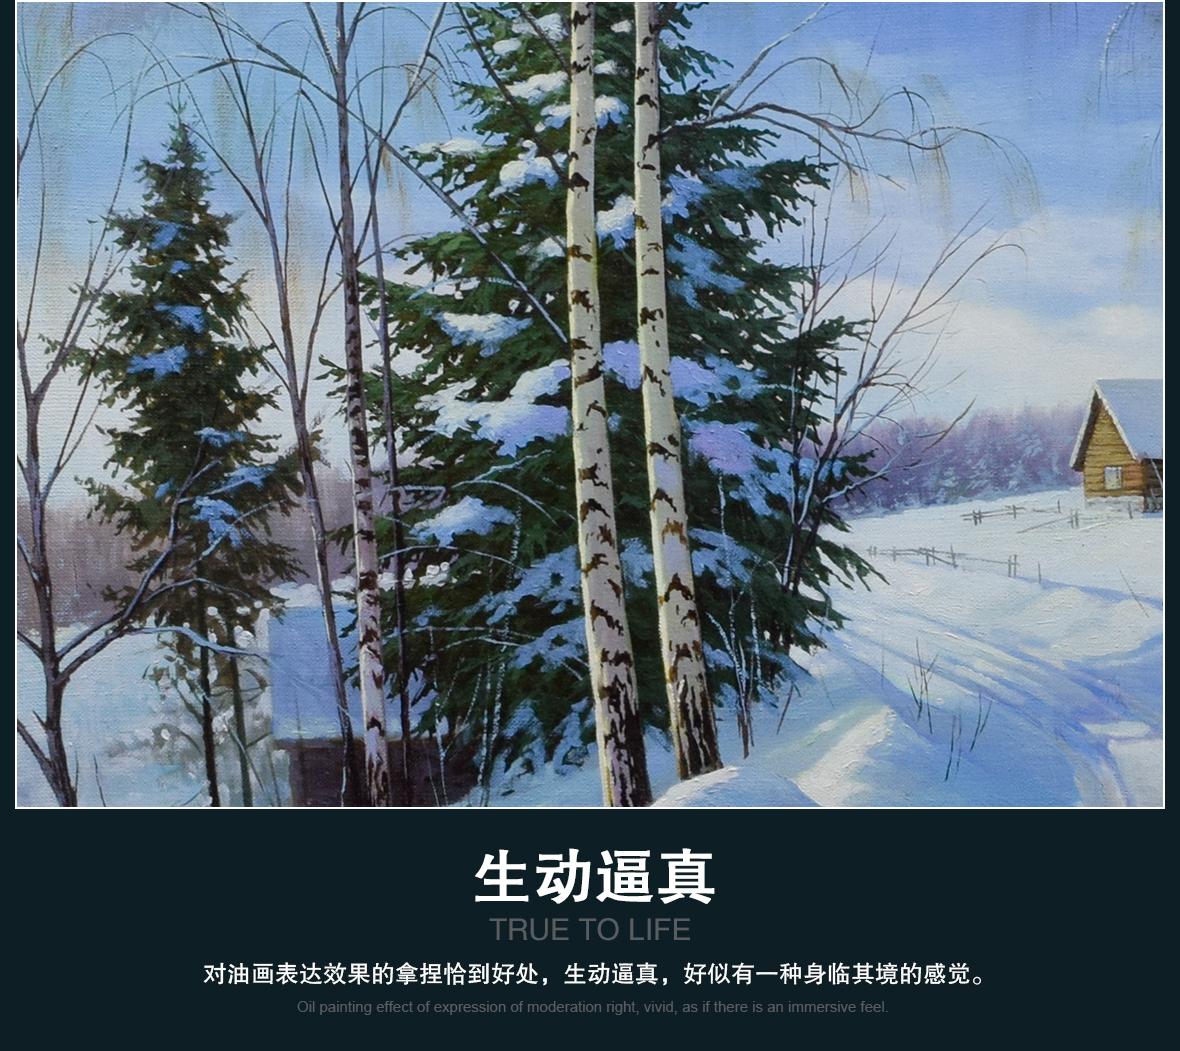 境艺园俄罗斯油画 W346型号俄罗斯进口亚麻主材风景雪景 细节